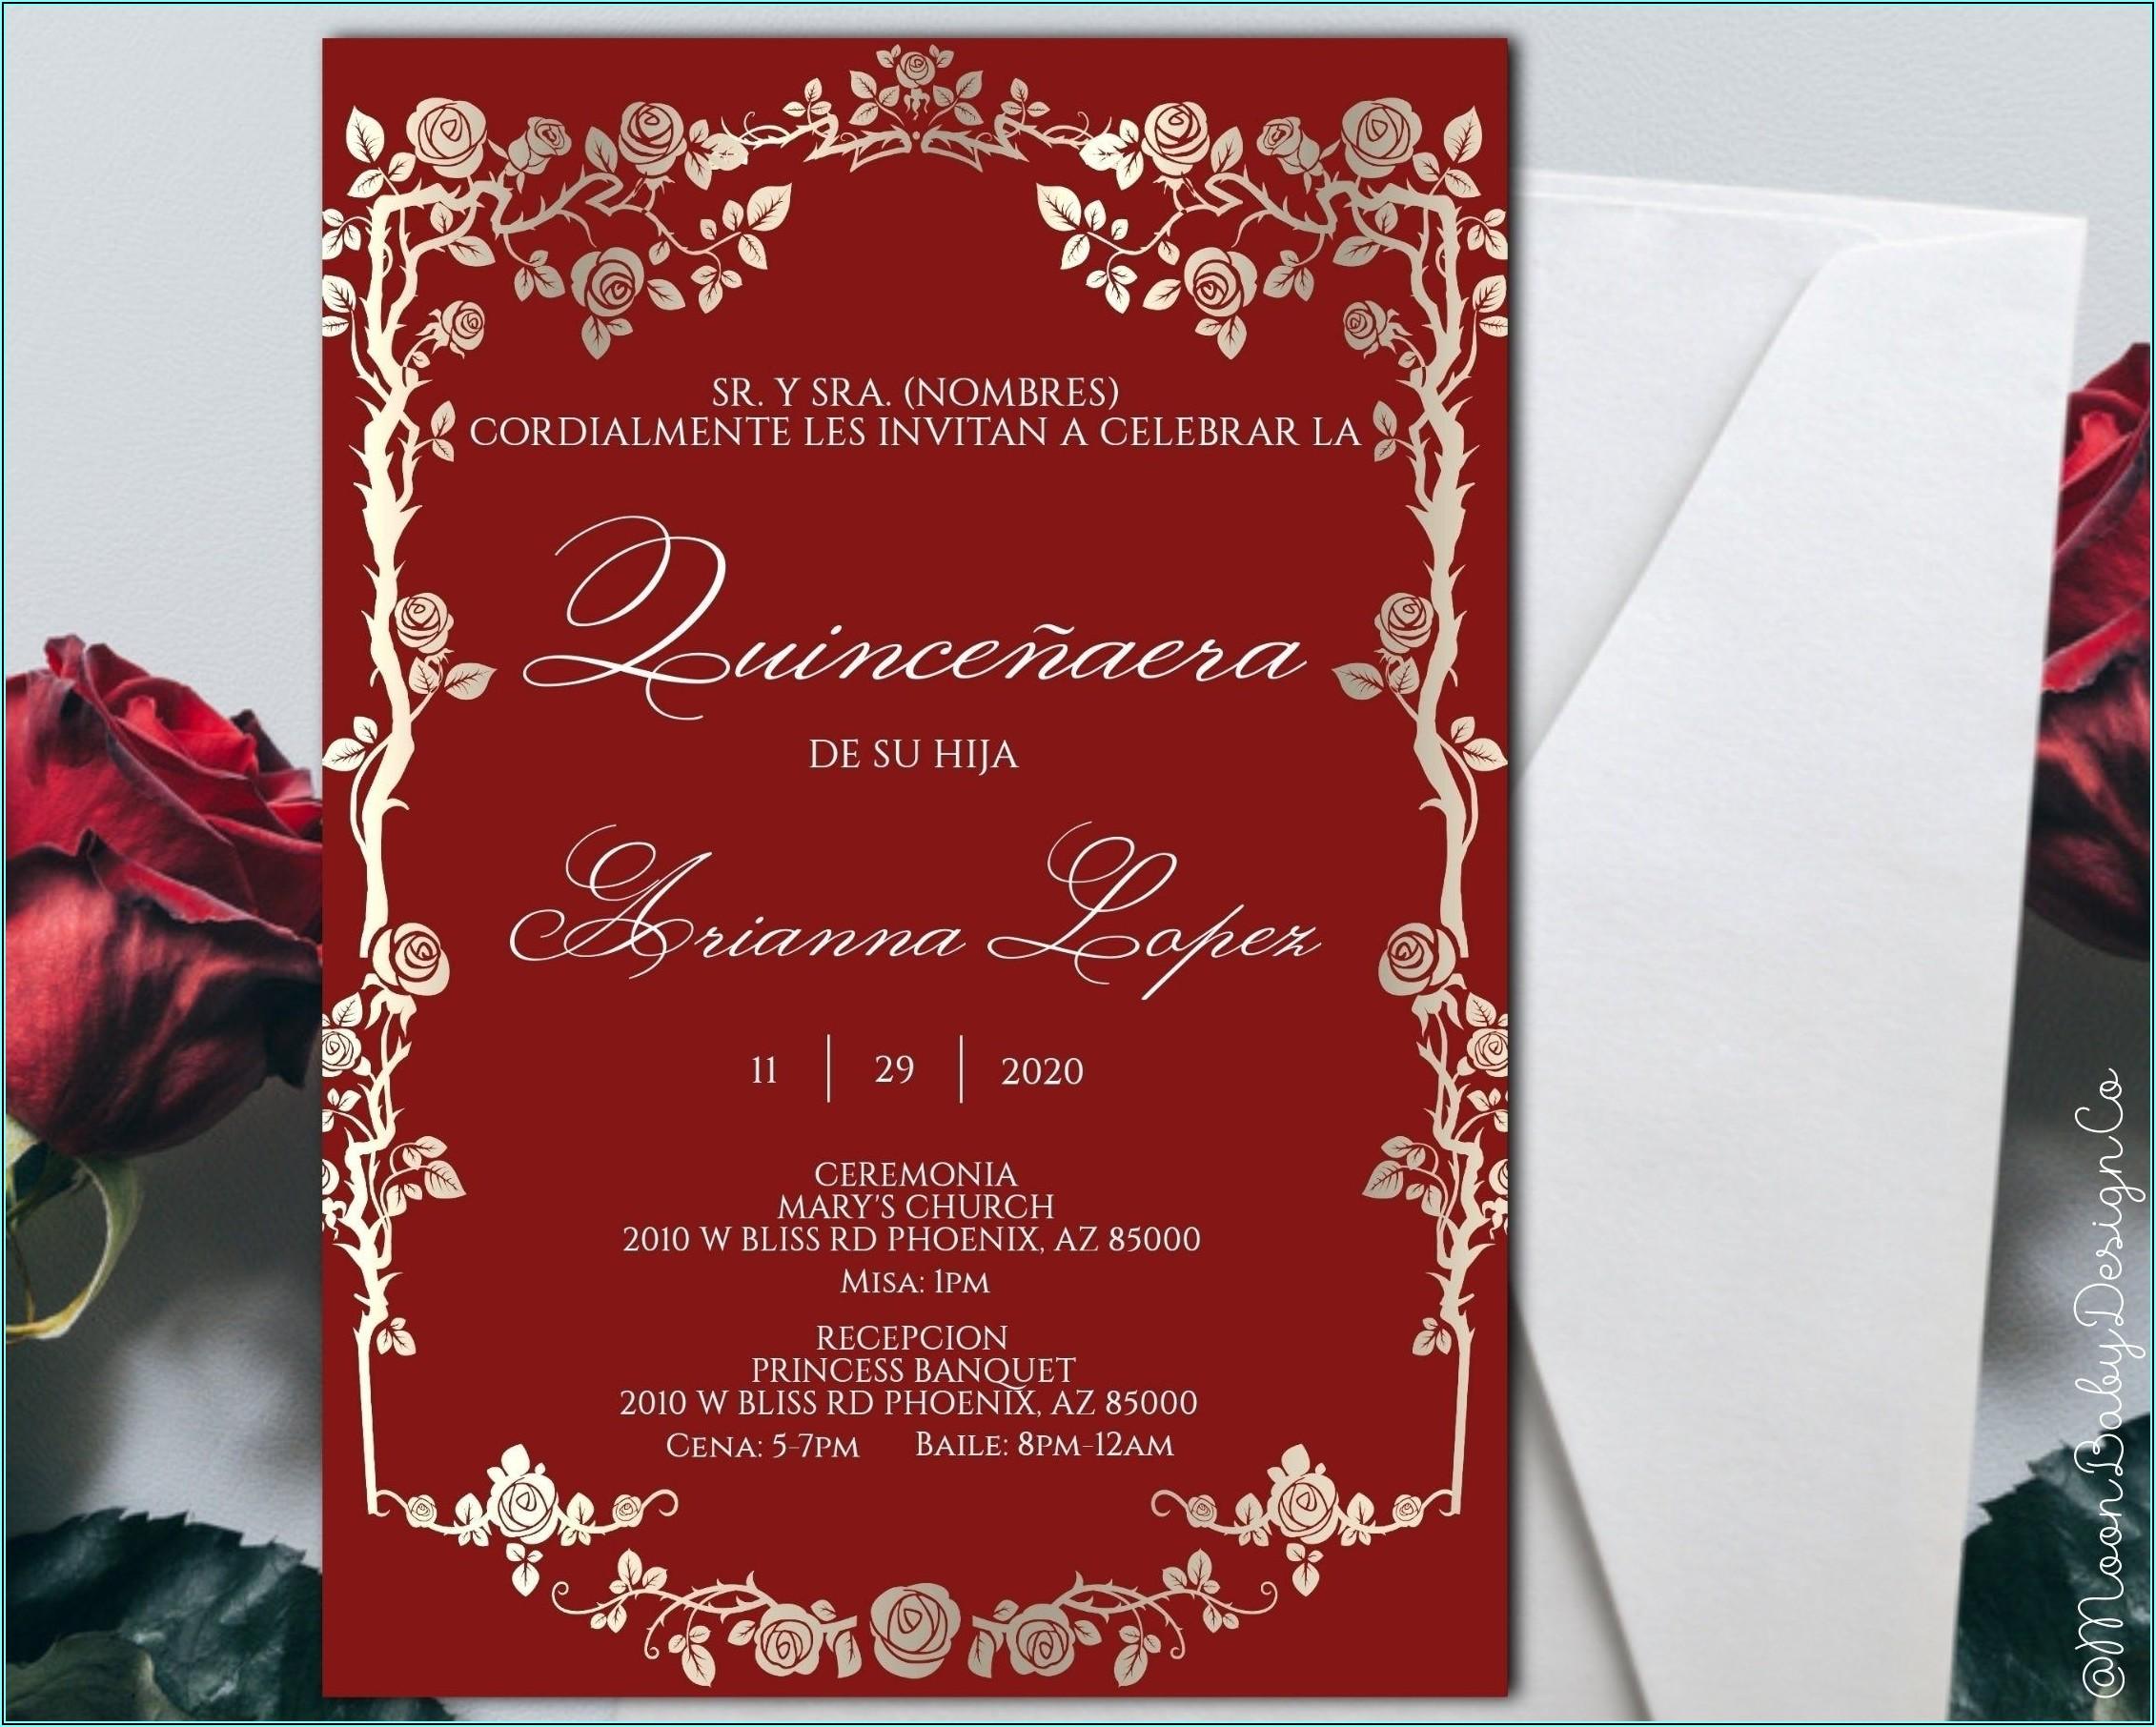 Quinceanera Invitation Wording Samples In Spanish